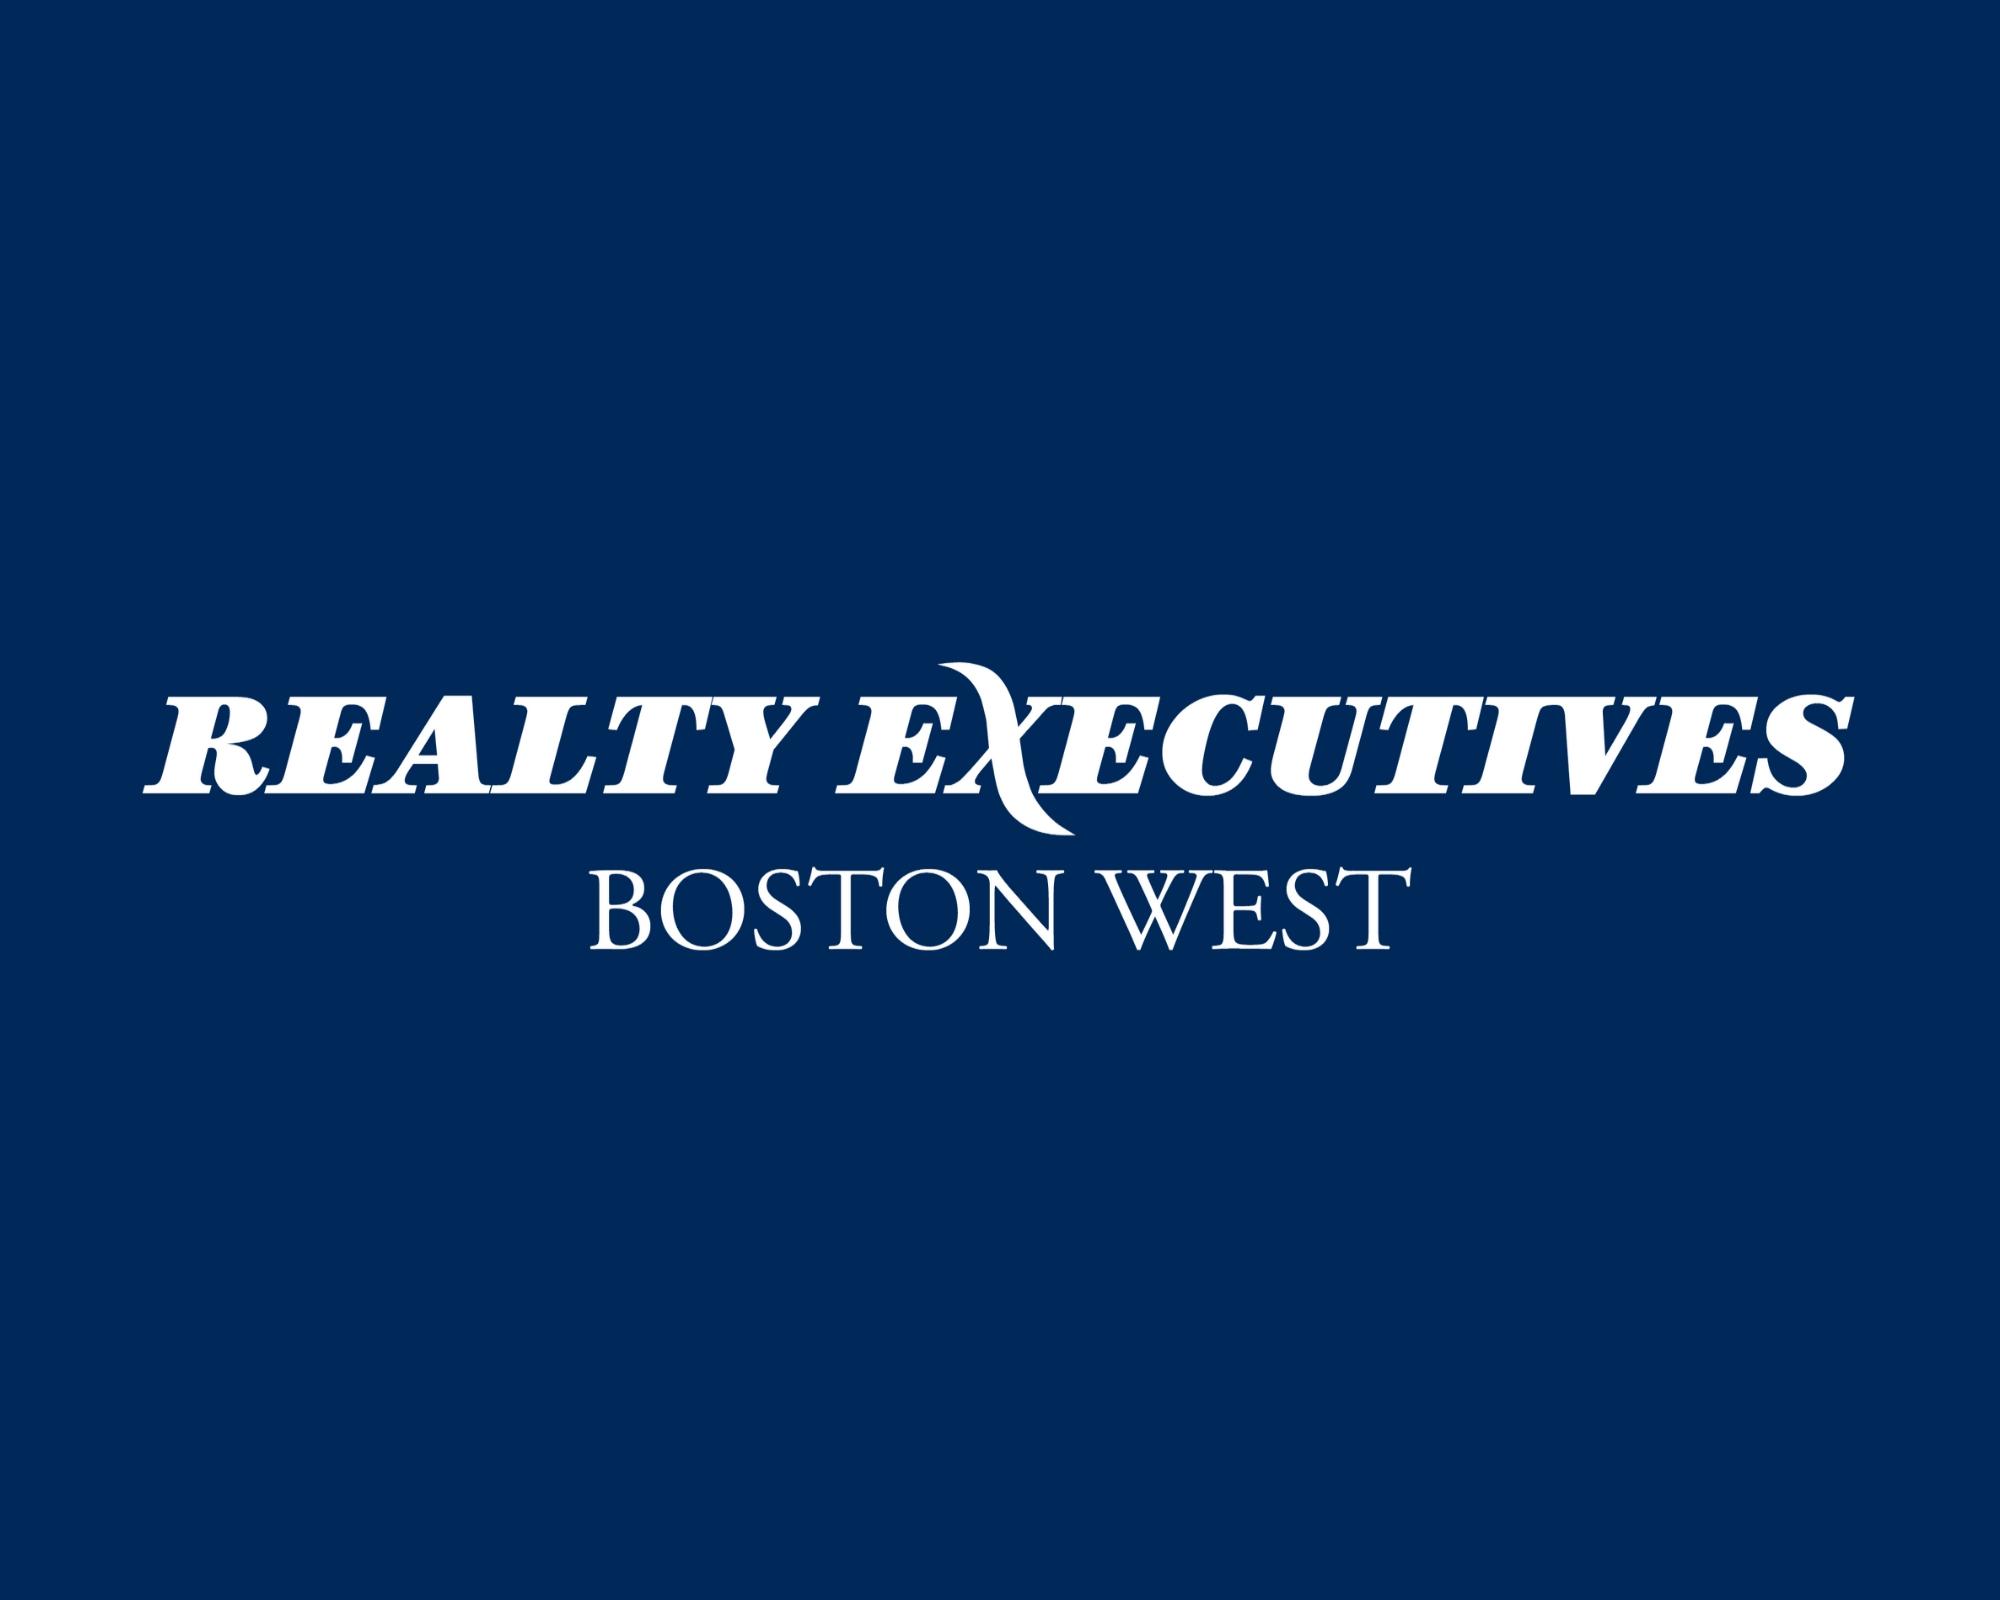 Realty Executives Boston West Holliston